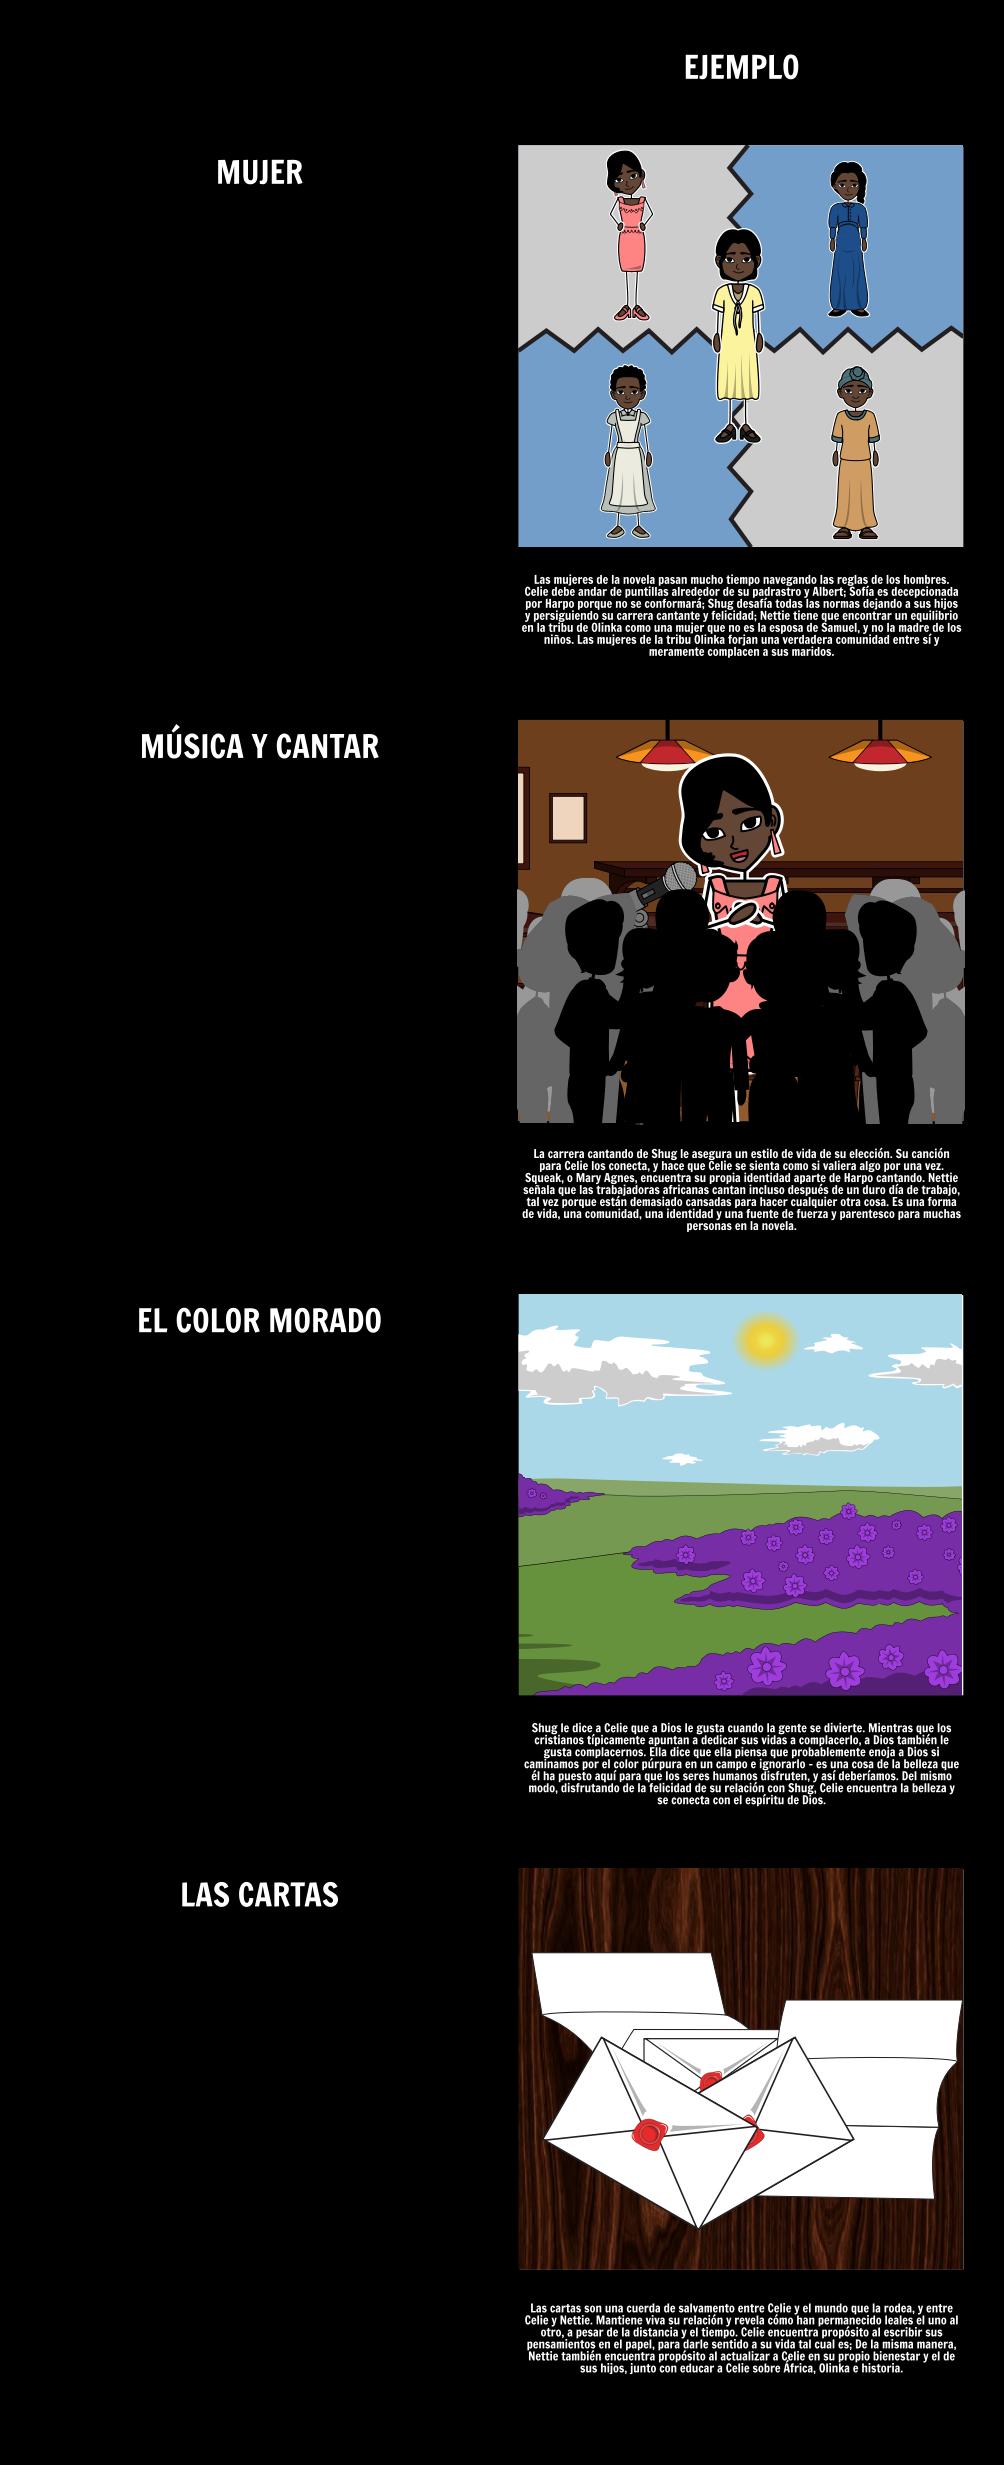 Temas, Símbolos y Motivos en el Color Púrpura